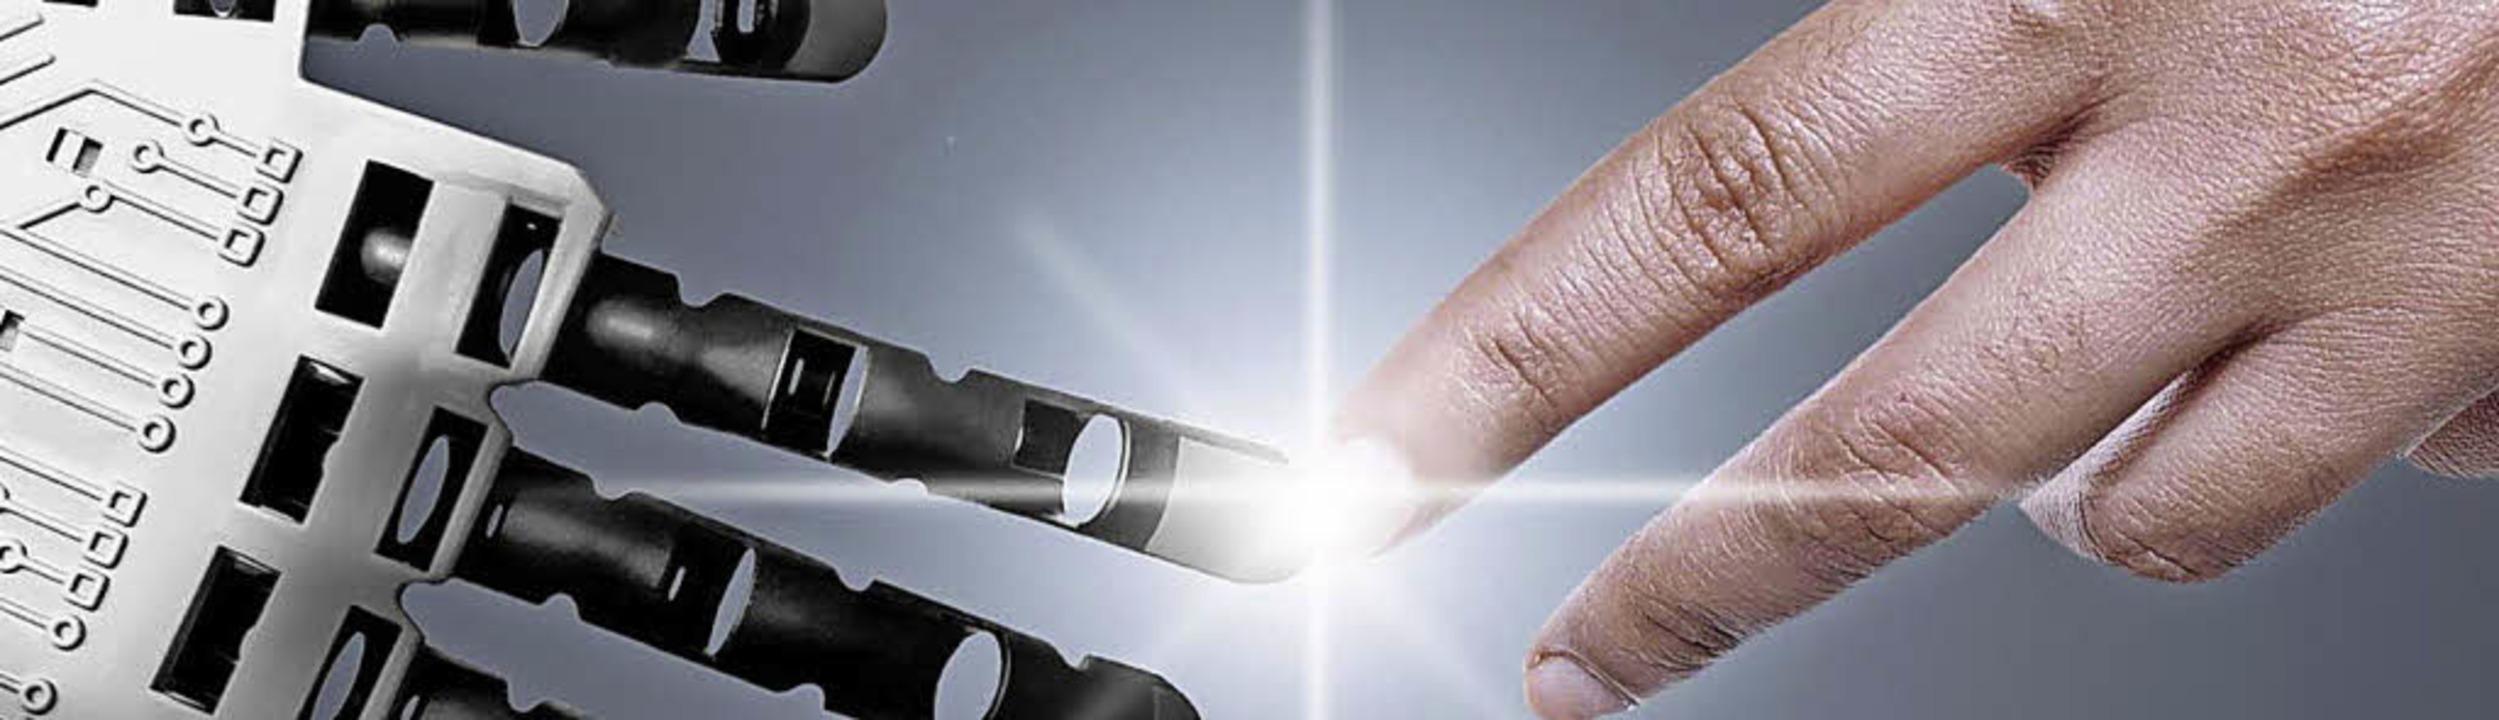 In der Industrie 4.0 werden Maschinen ...ch auch zukünftig seine Arbeit finden.  | Foto: PR